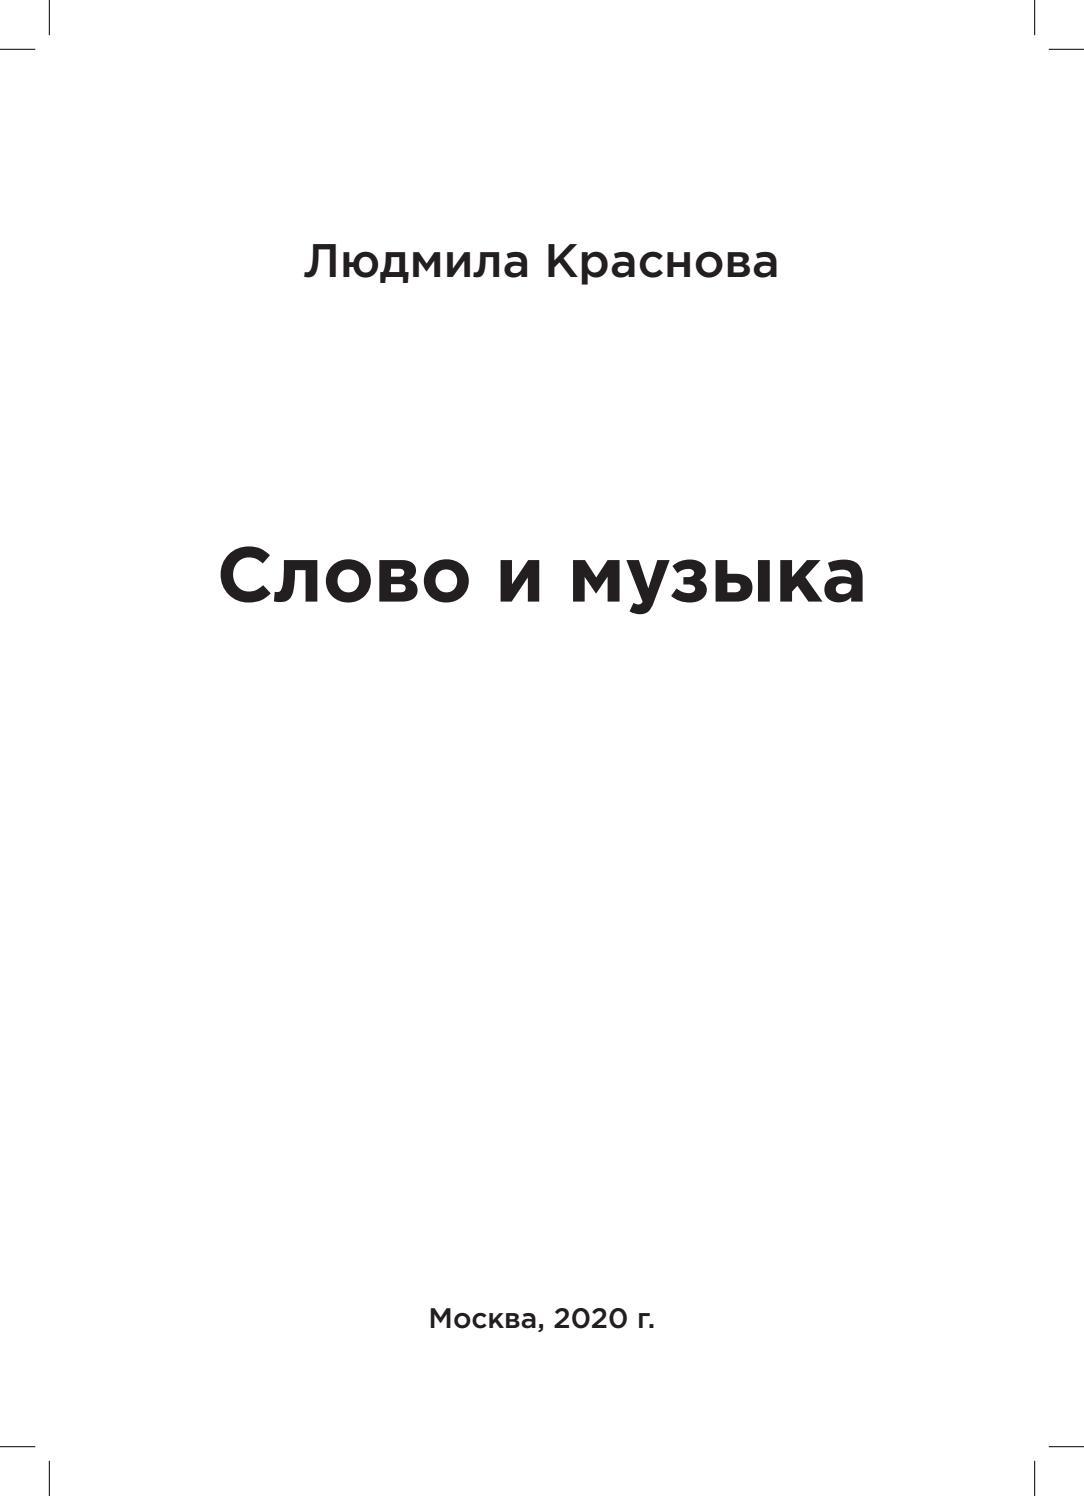 Слово и музыка, 2020, Людмила Краснова